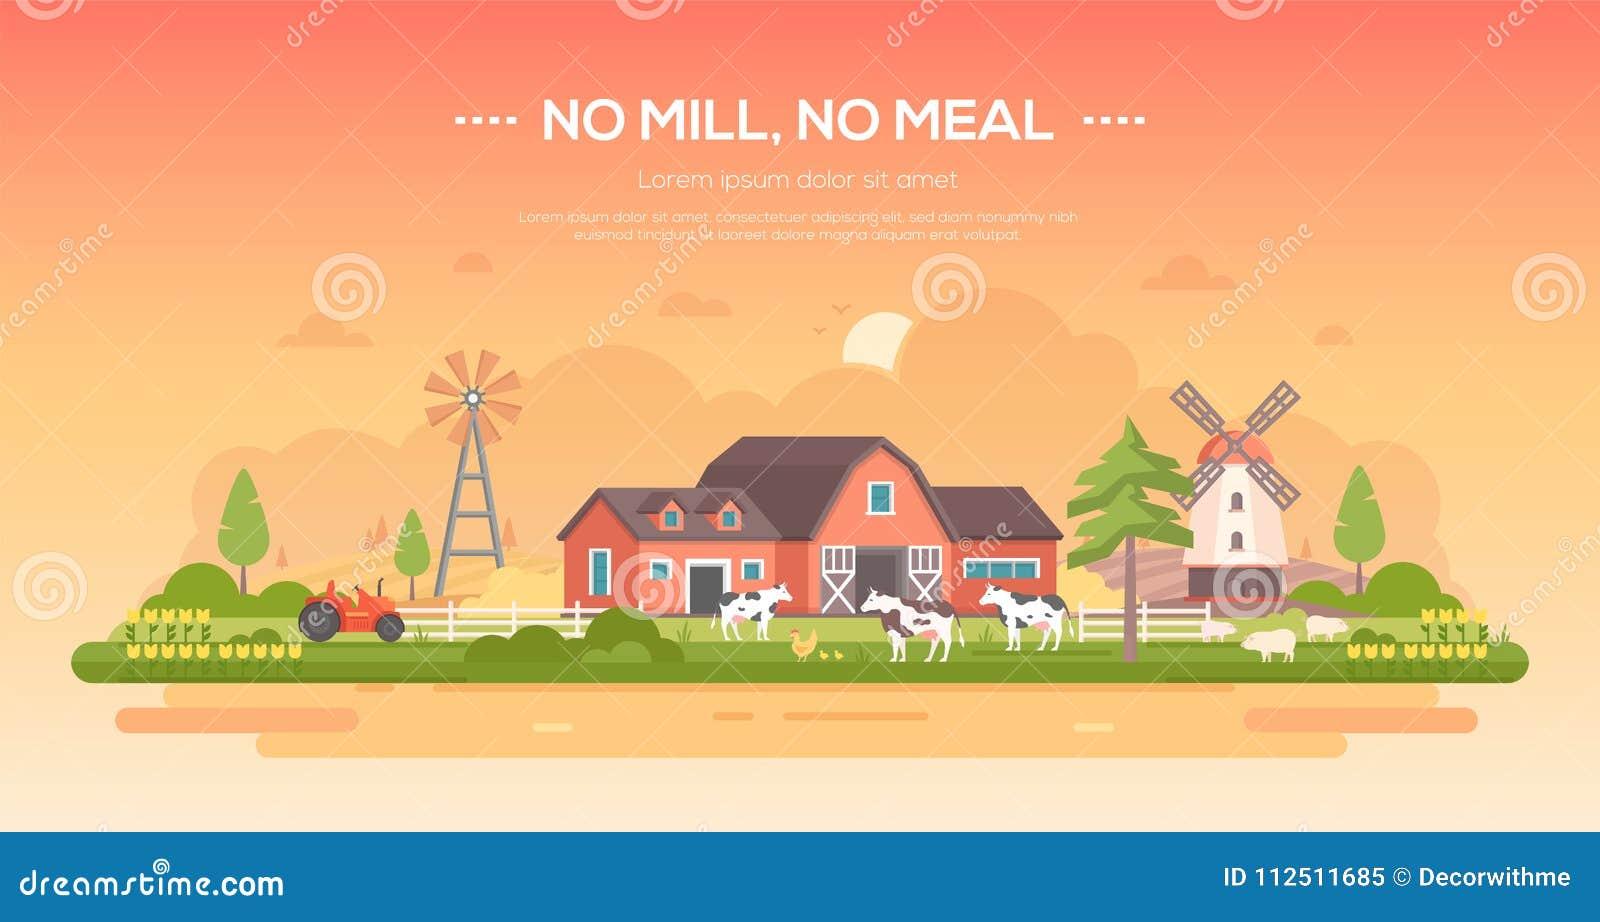 Żadny młyn, żadny posiłek - nowożytna płaska projekta stylu wektoru ilustracja